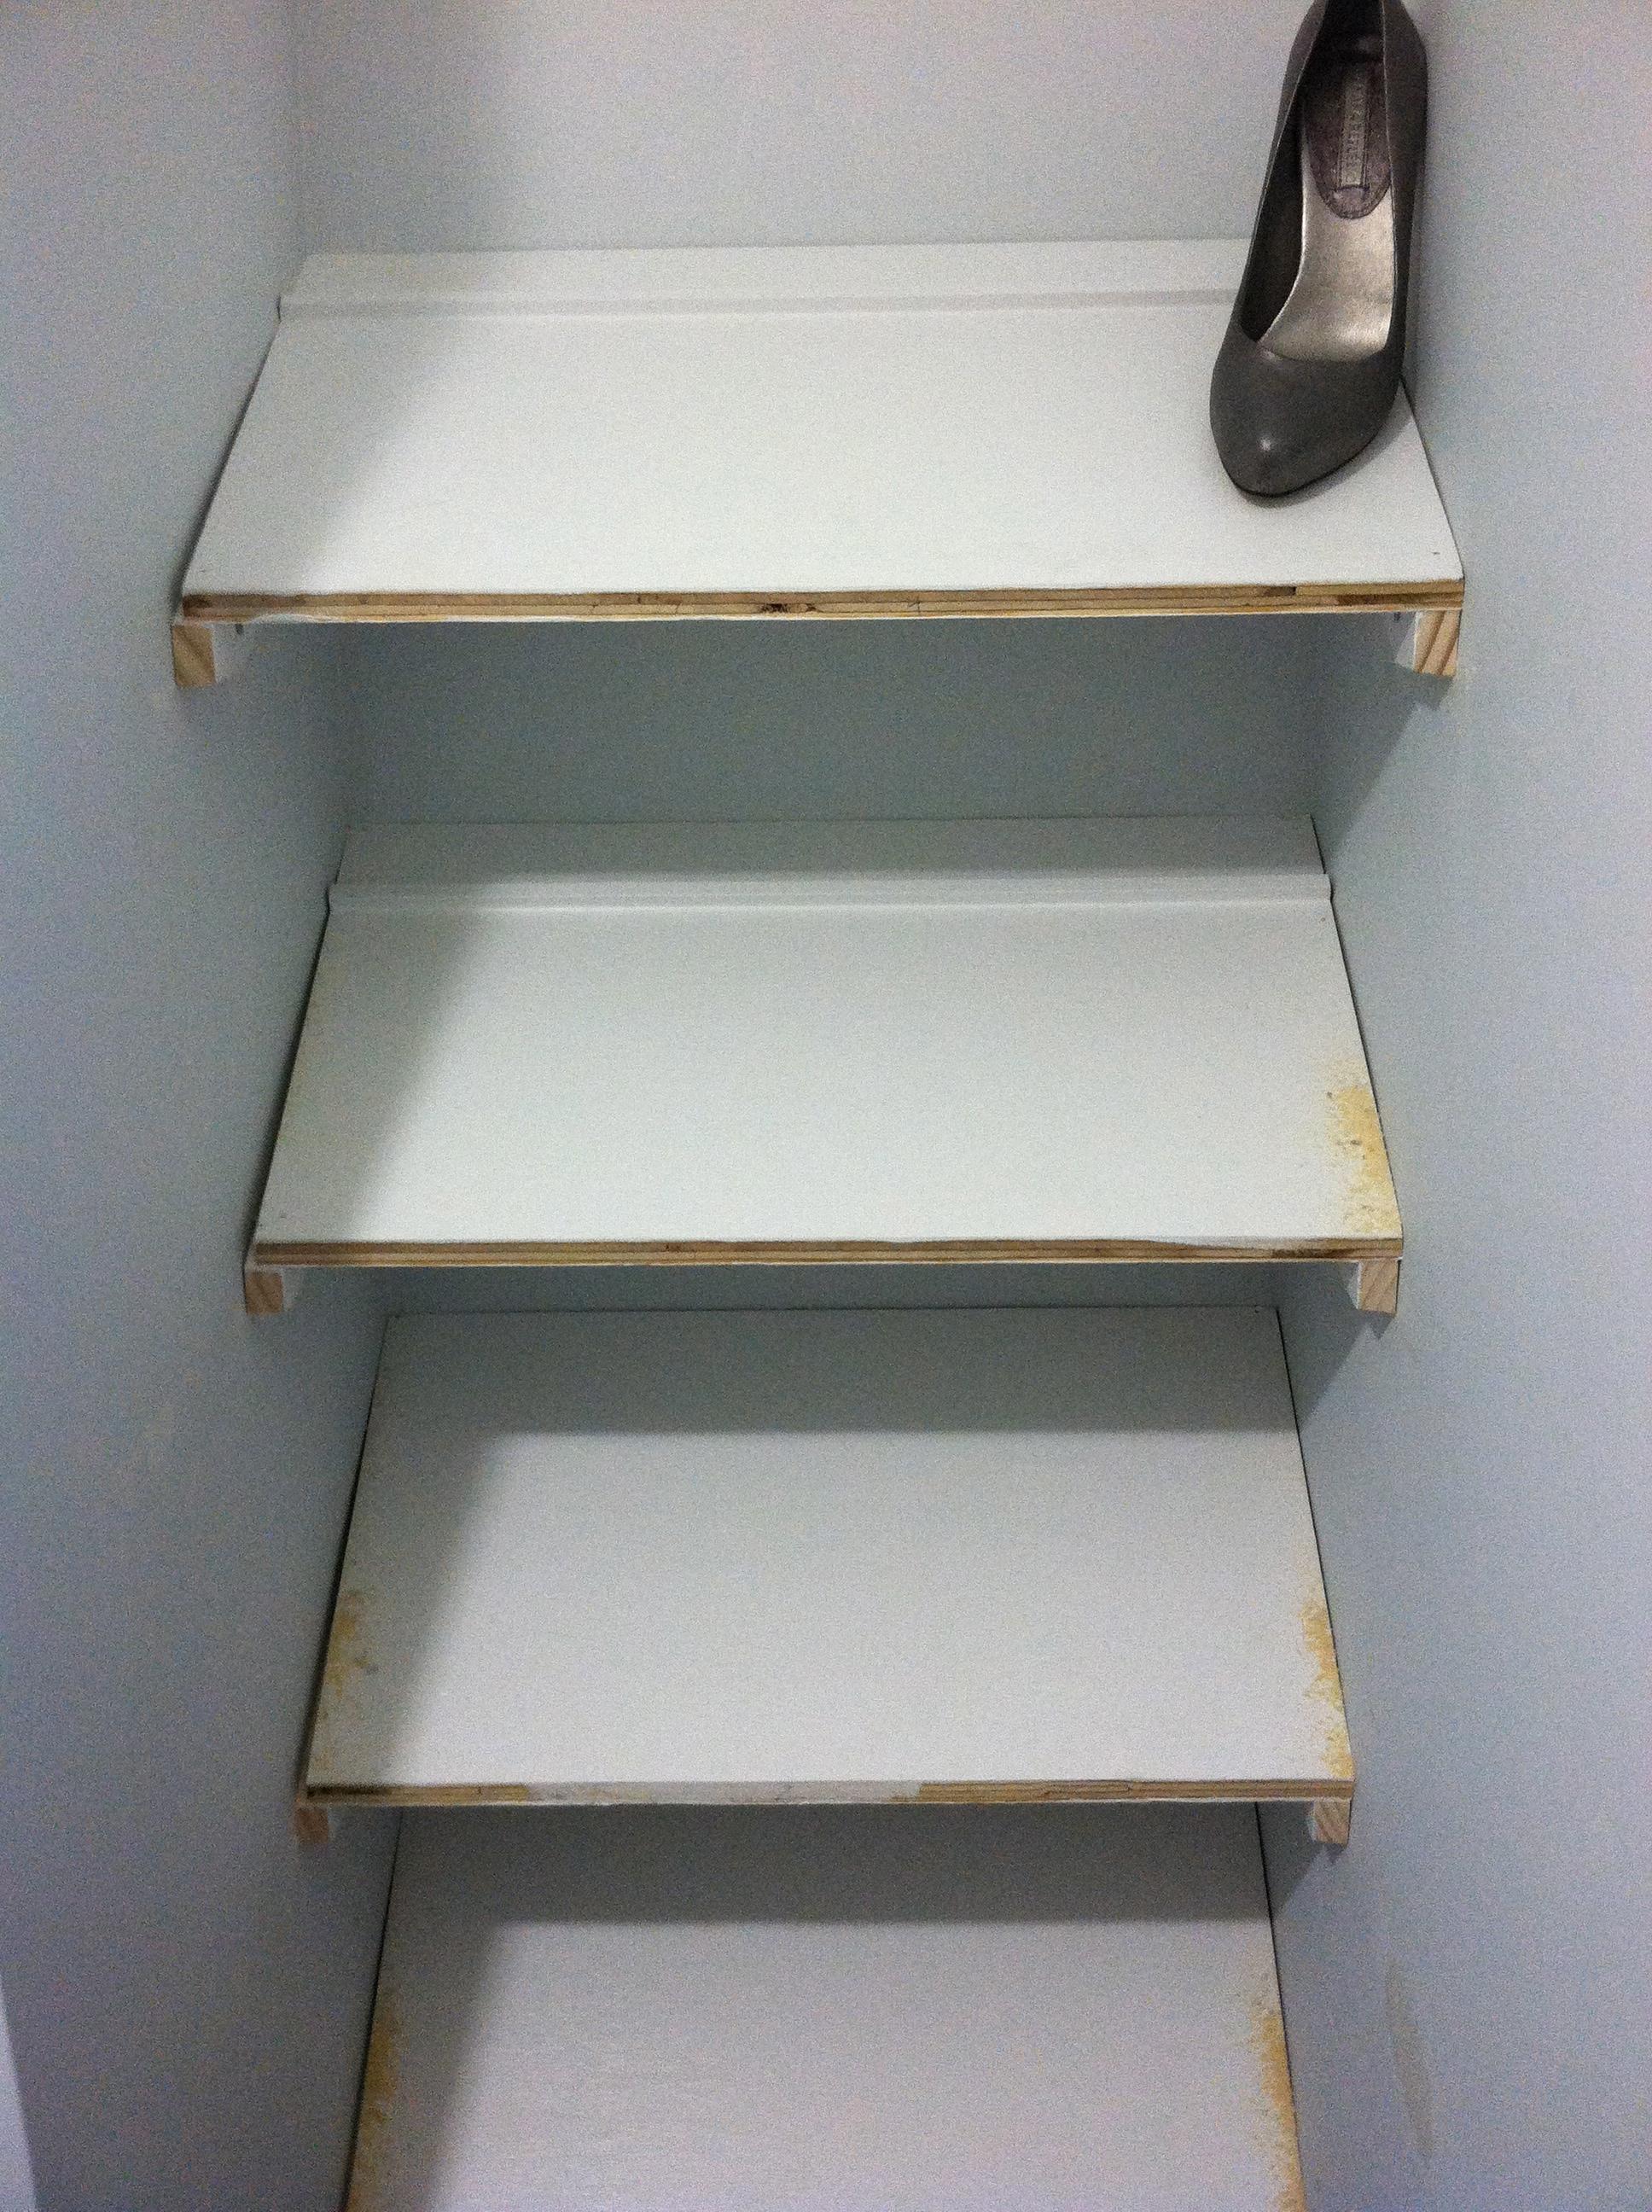 Designer shoe shelves on a budget sunshineandsawdust for Slanted shelves ikea